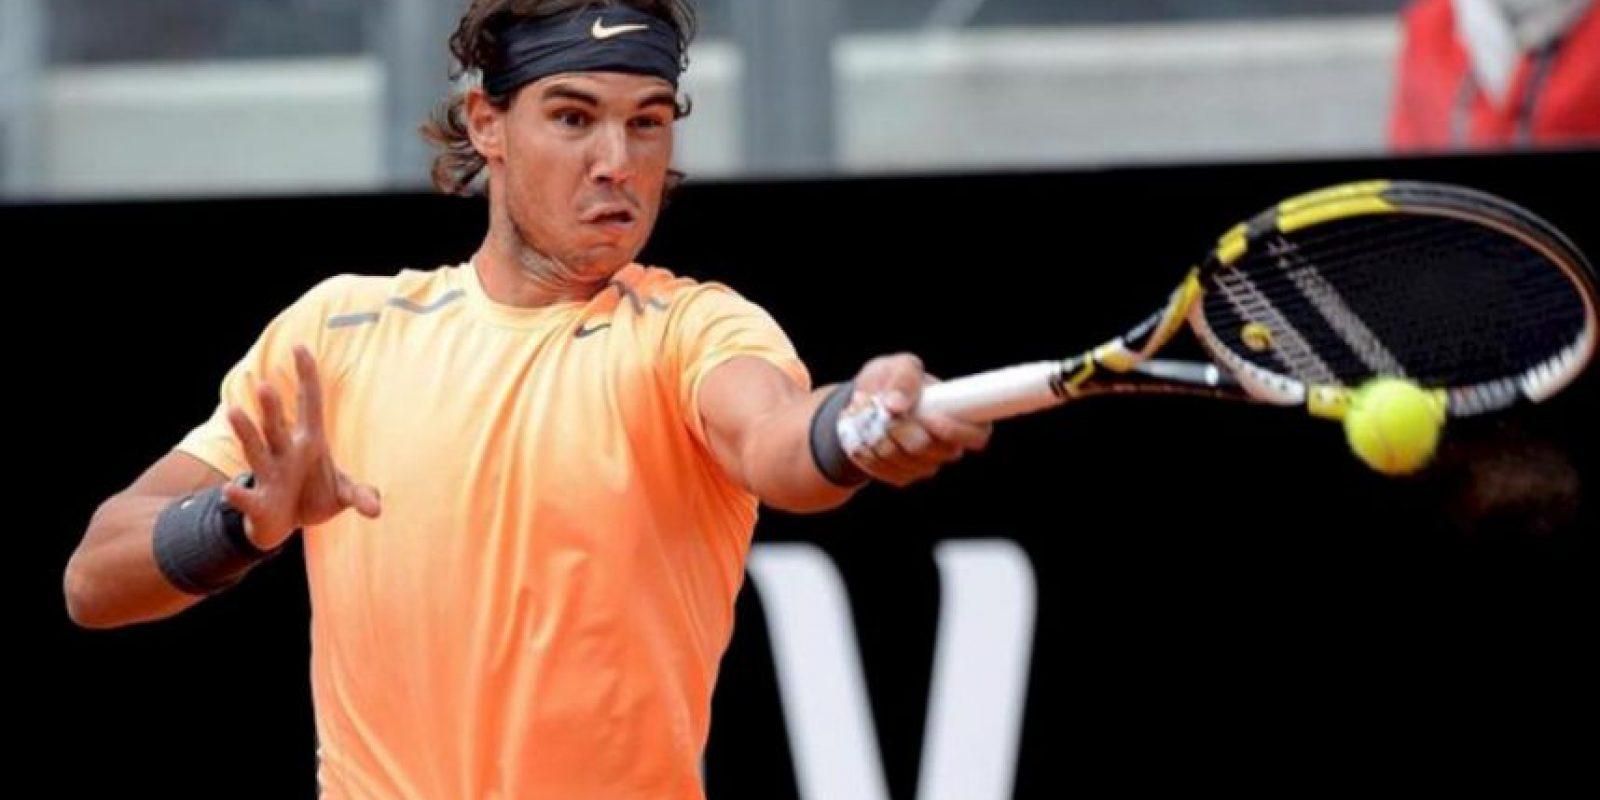 El tenista español Rafael Nadal le devuelve la bola al serbio Novak Djokovic durante la final del Masters 1.000 de Roma, Italia. EFE